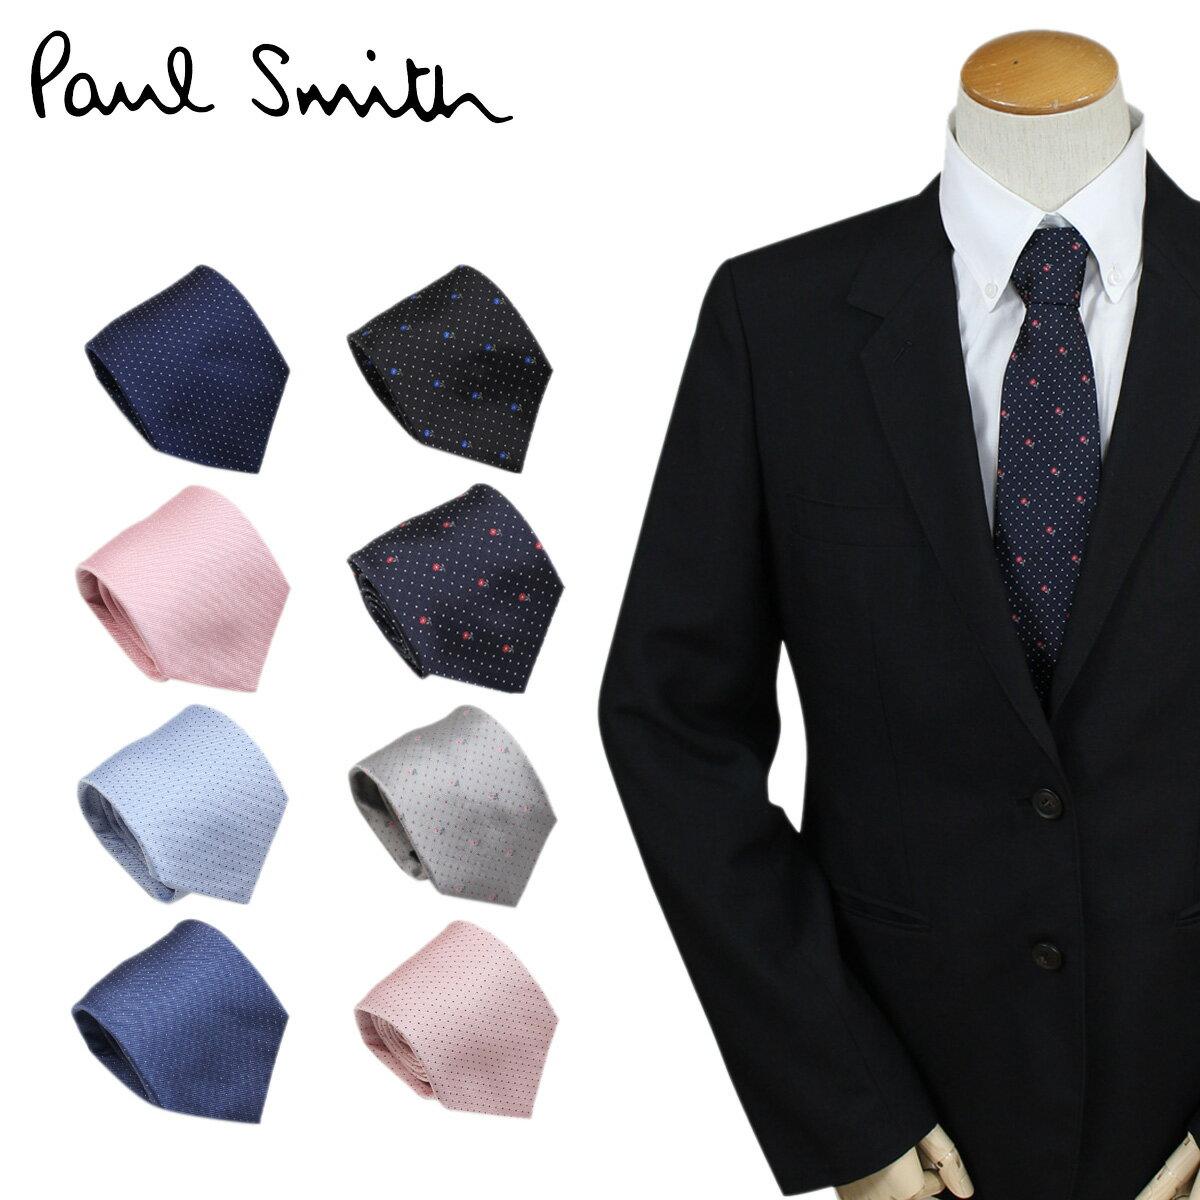 ポールスミス ネクタイ シルク メンズ Paul Smith ドット ギフト ケース付 イタリア製 ビジネス 結婚式 [7/18 追加入荷] 【決算セール】